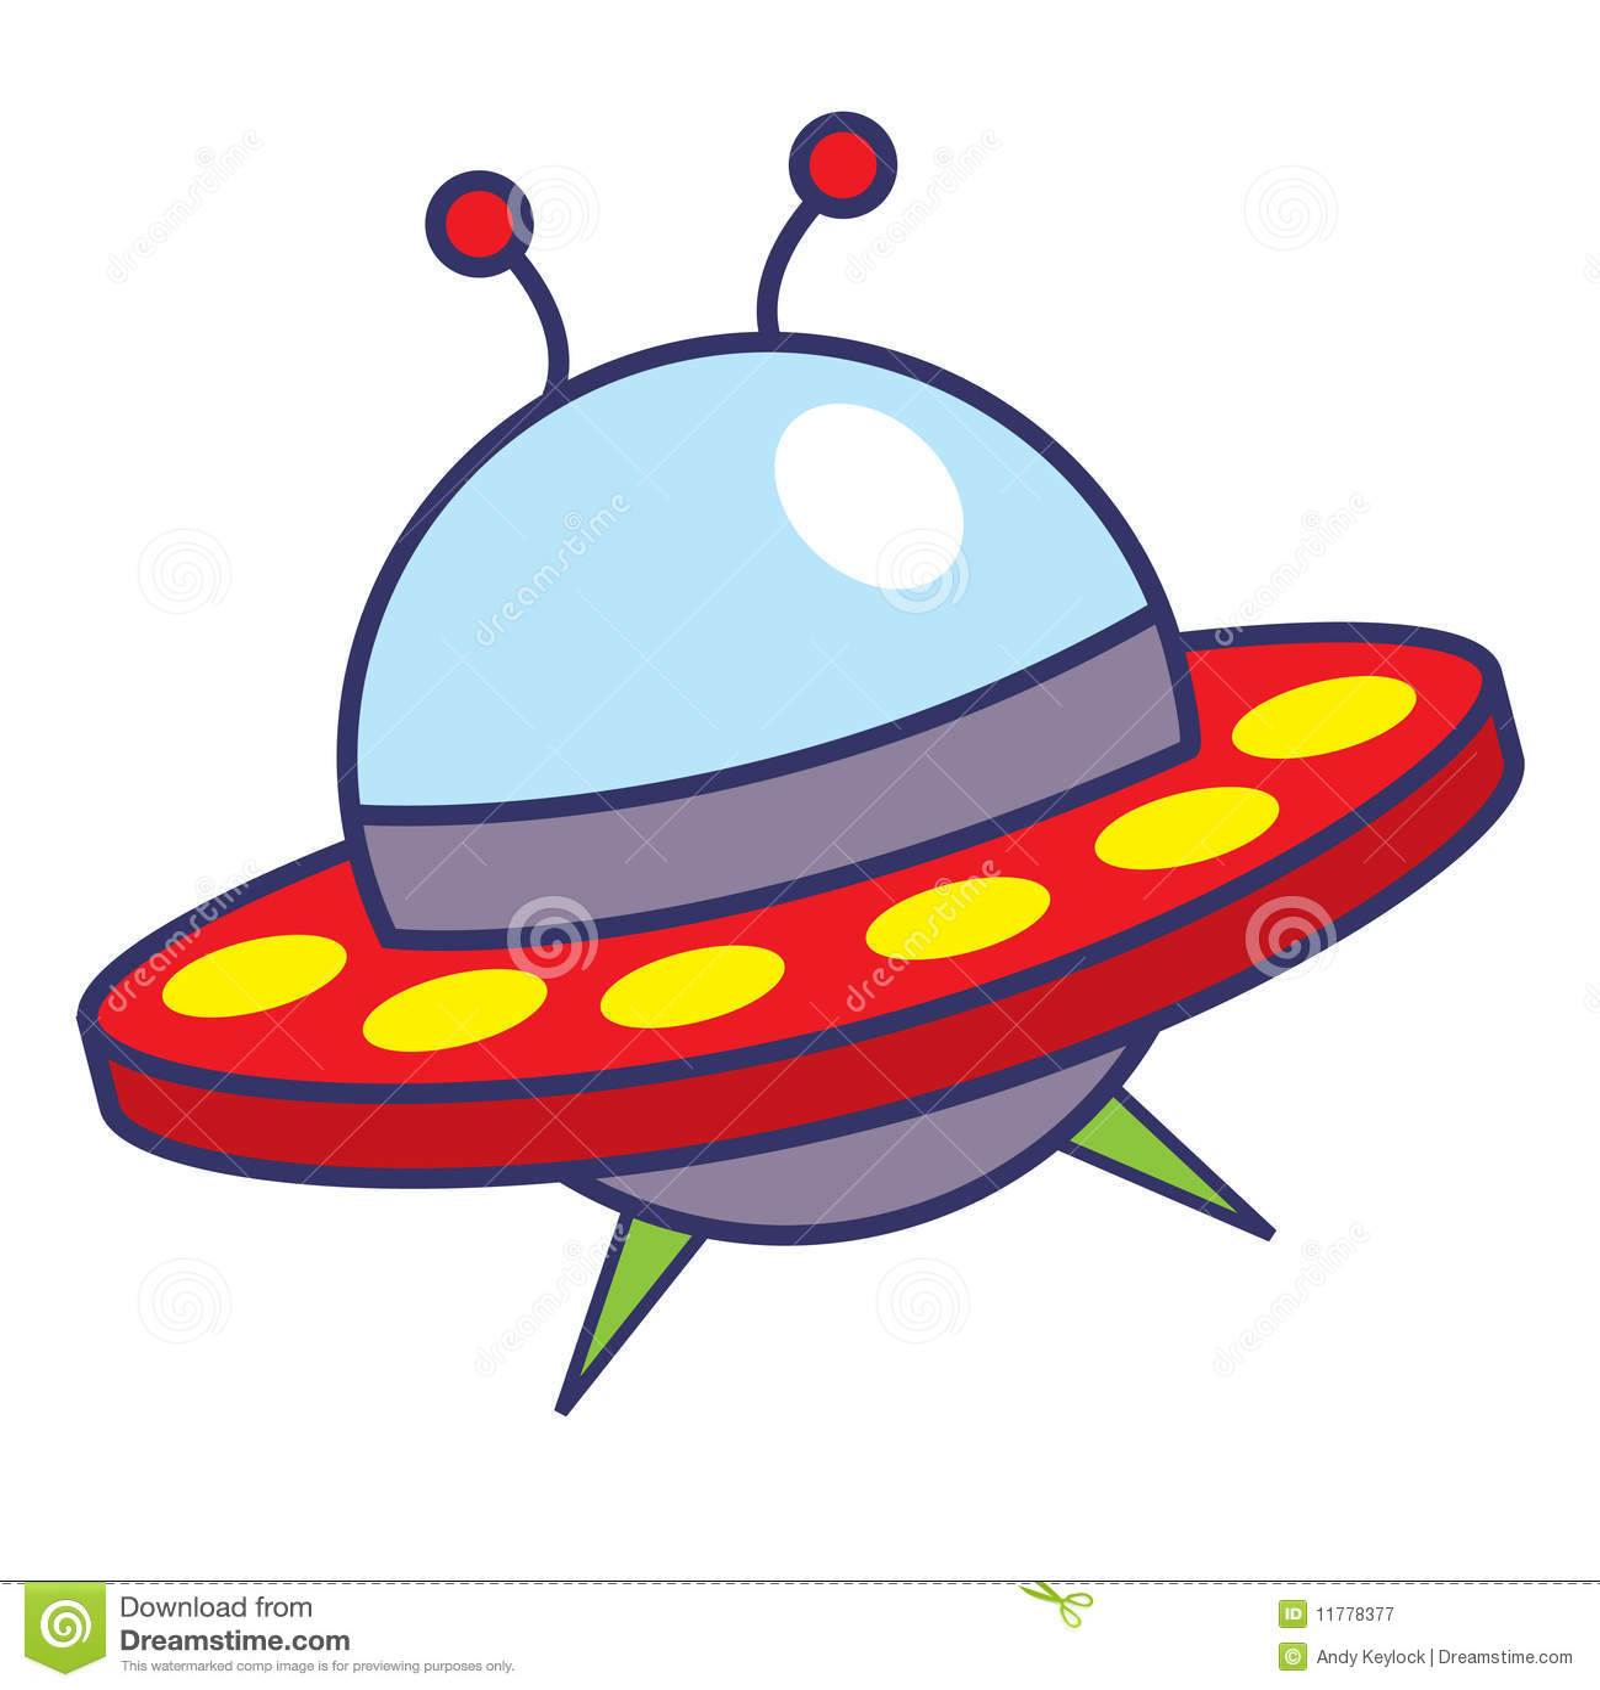 cartoon ufo clipart - photo #24